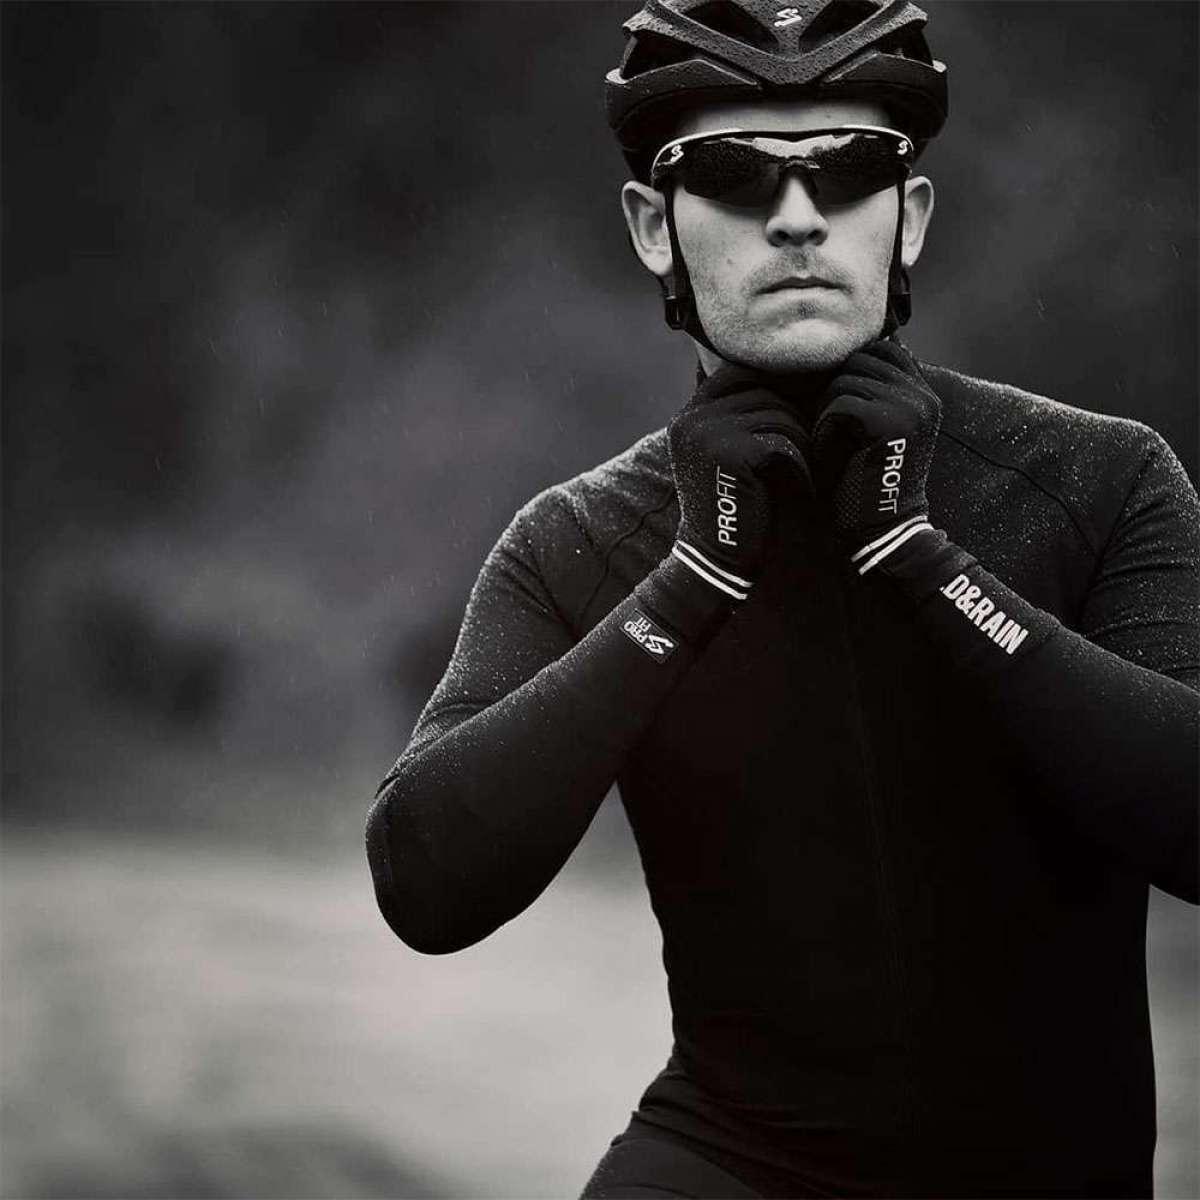 Spiuk blinda a los ciclistas frente a la lluvia y el viento con la chaqueta Profit Cold&Rain con membrana eVent